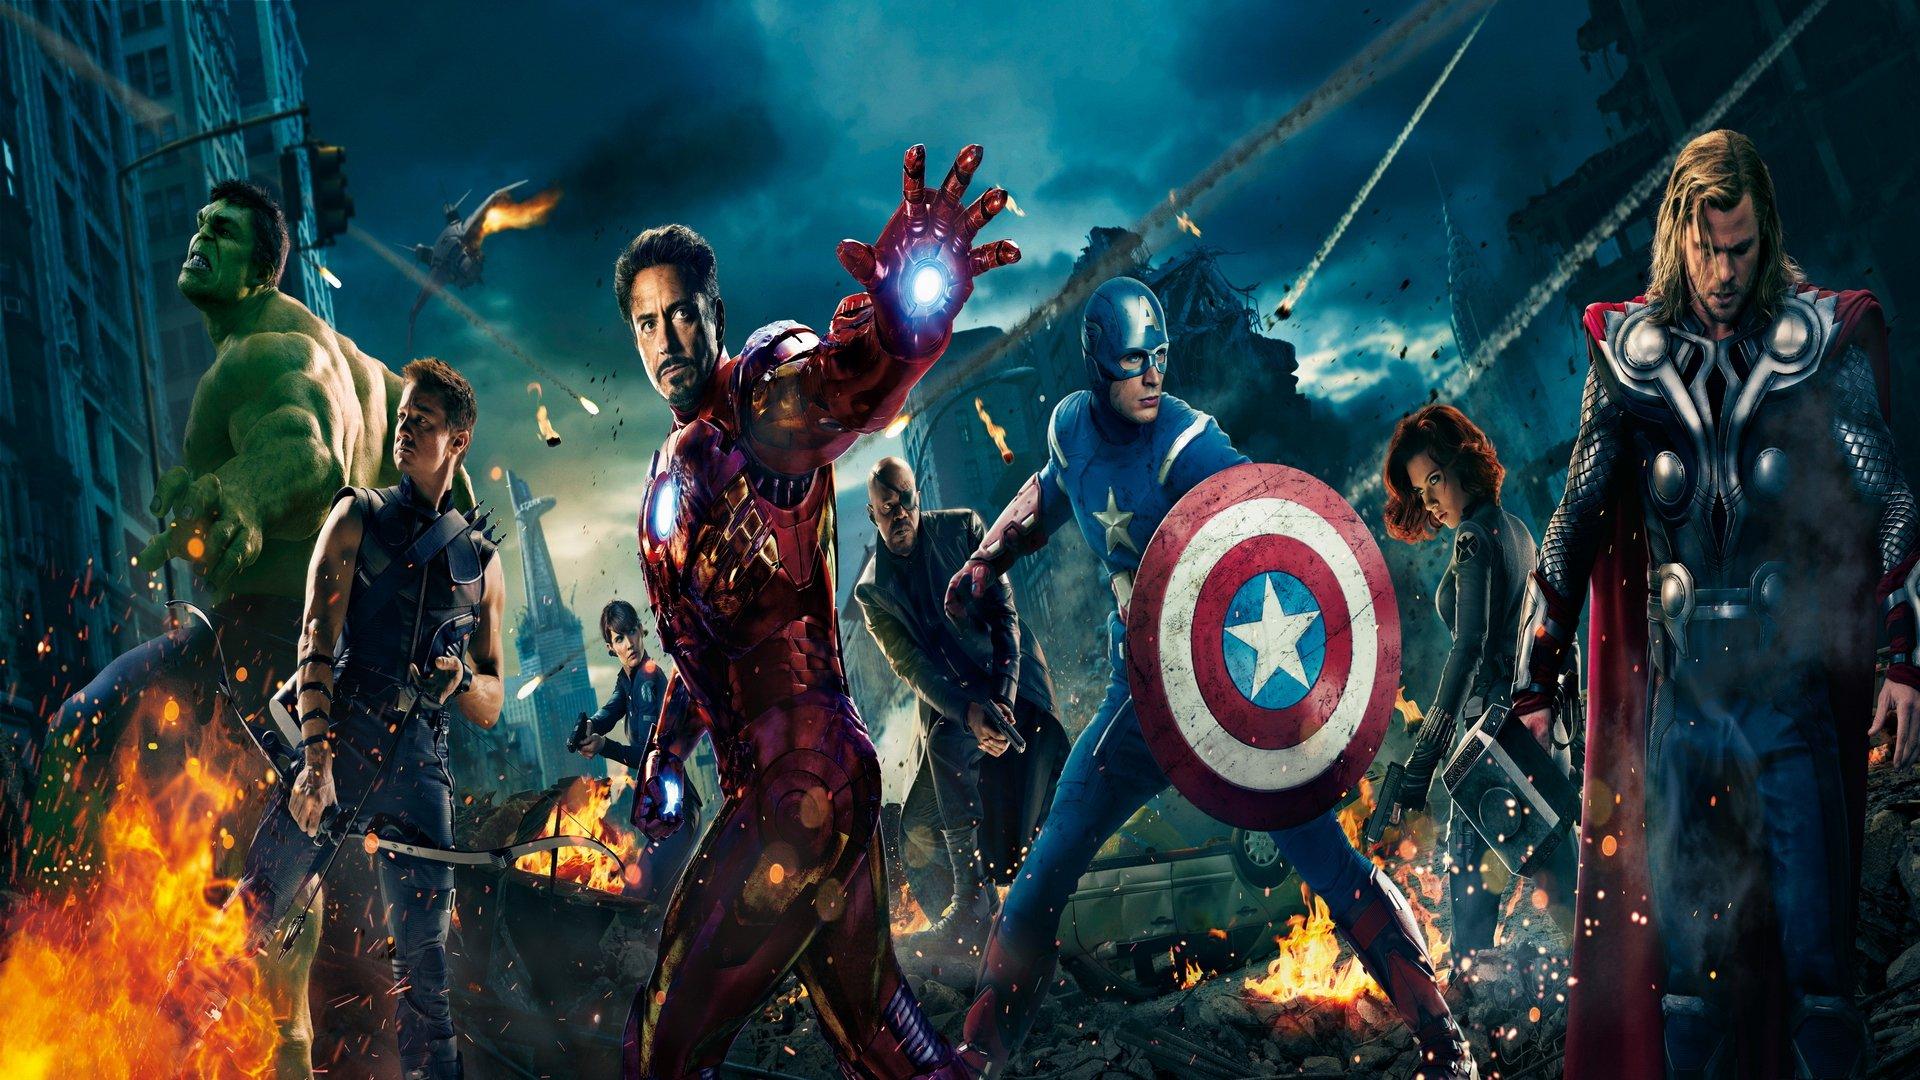 Avengers Wallpapers - WallpaperSafari - 1396.1KB